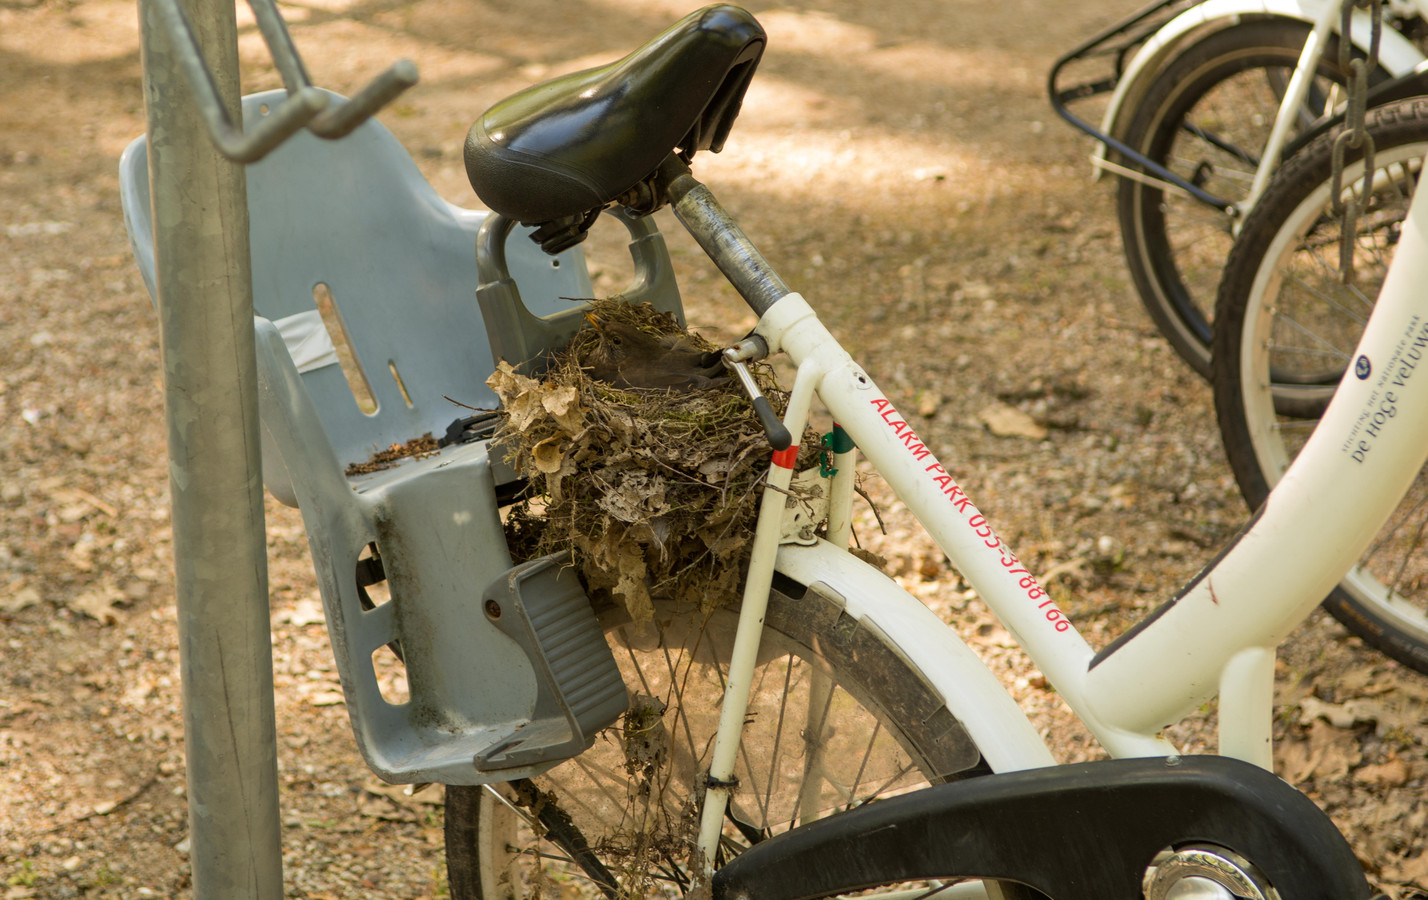 De Covid-19 merel heeft een nest gemaakt op een witte fiets.